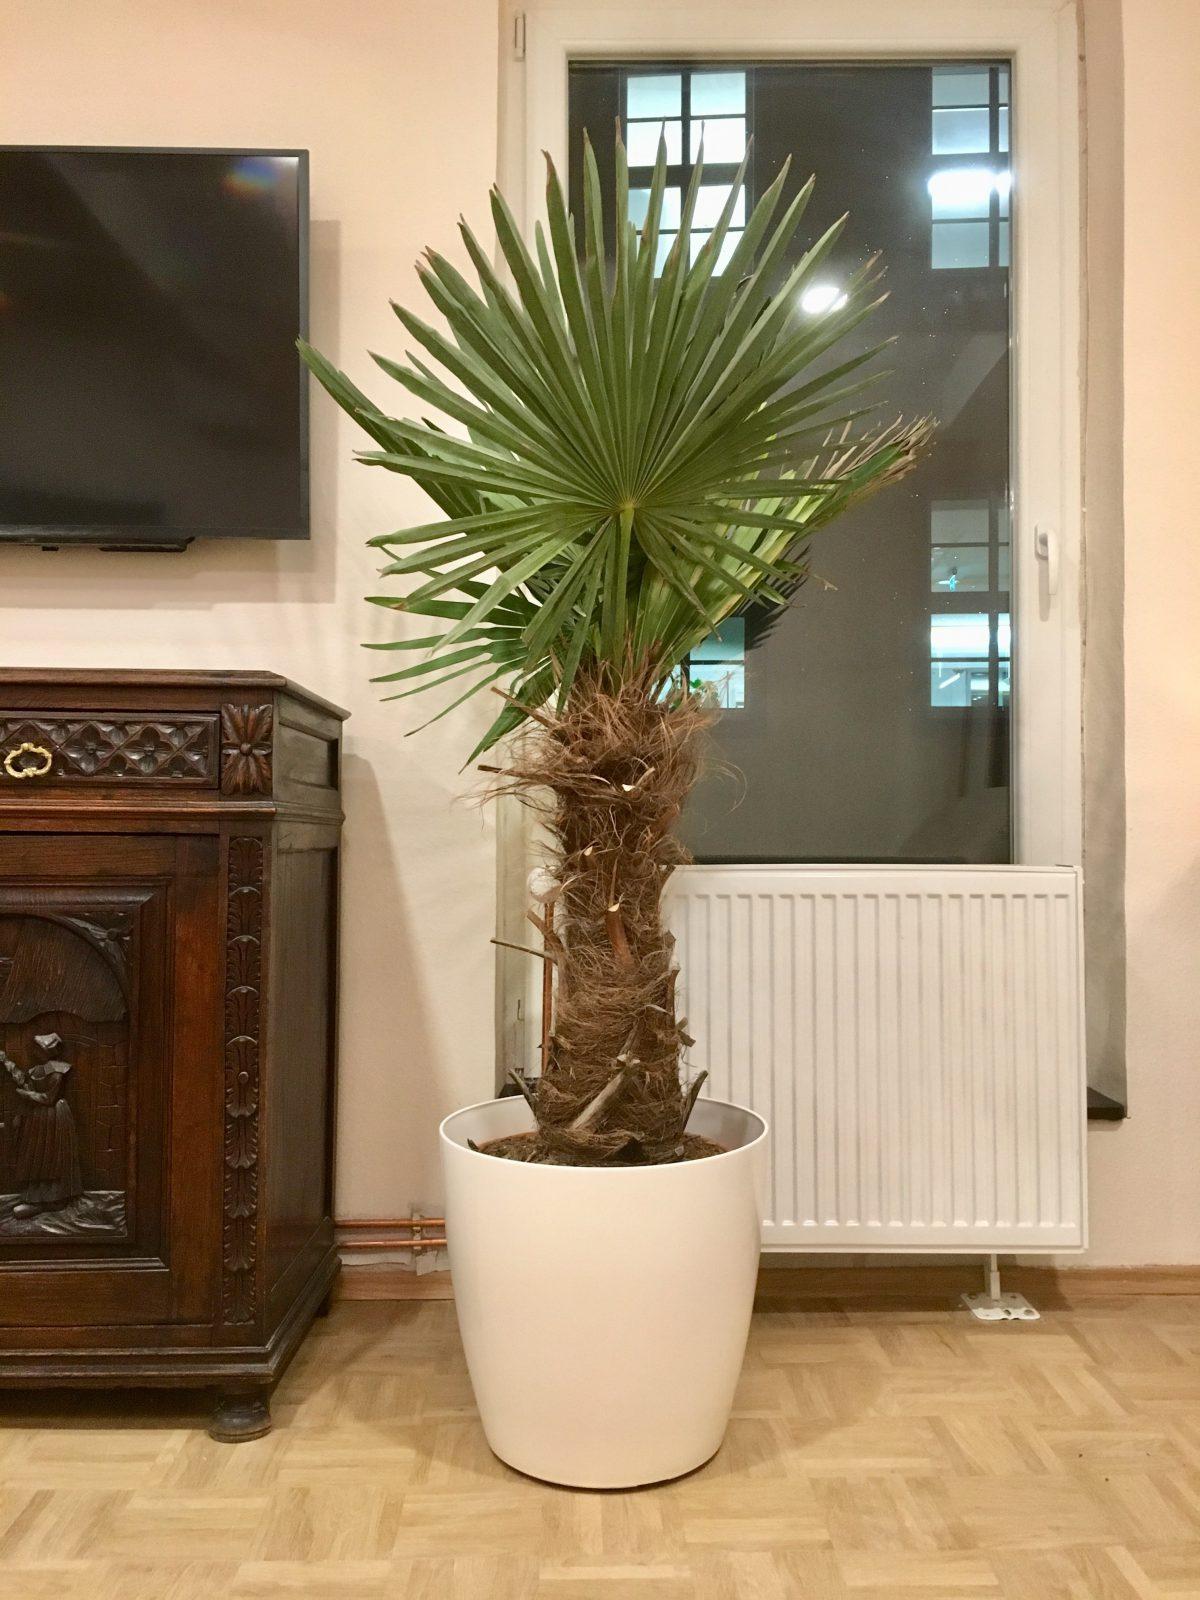 Die palme ist im wohnzimmer angekommen blaues haus berlin - Palme wohnzimmer ...